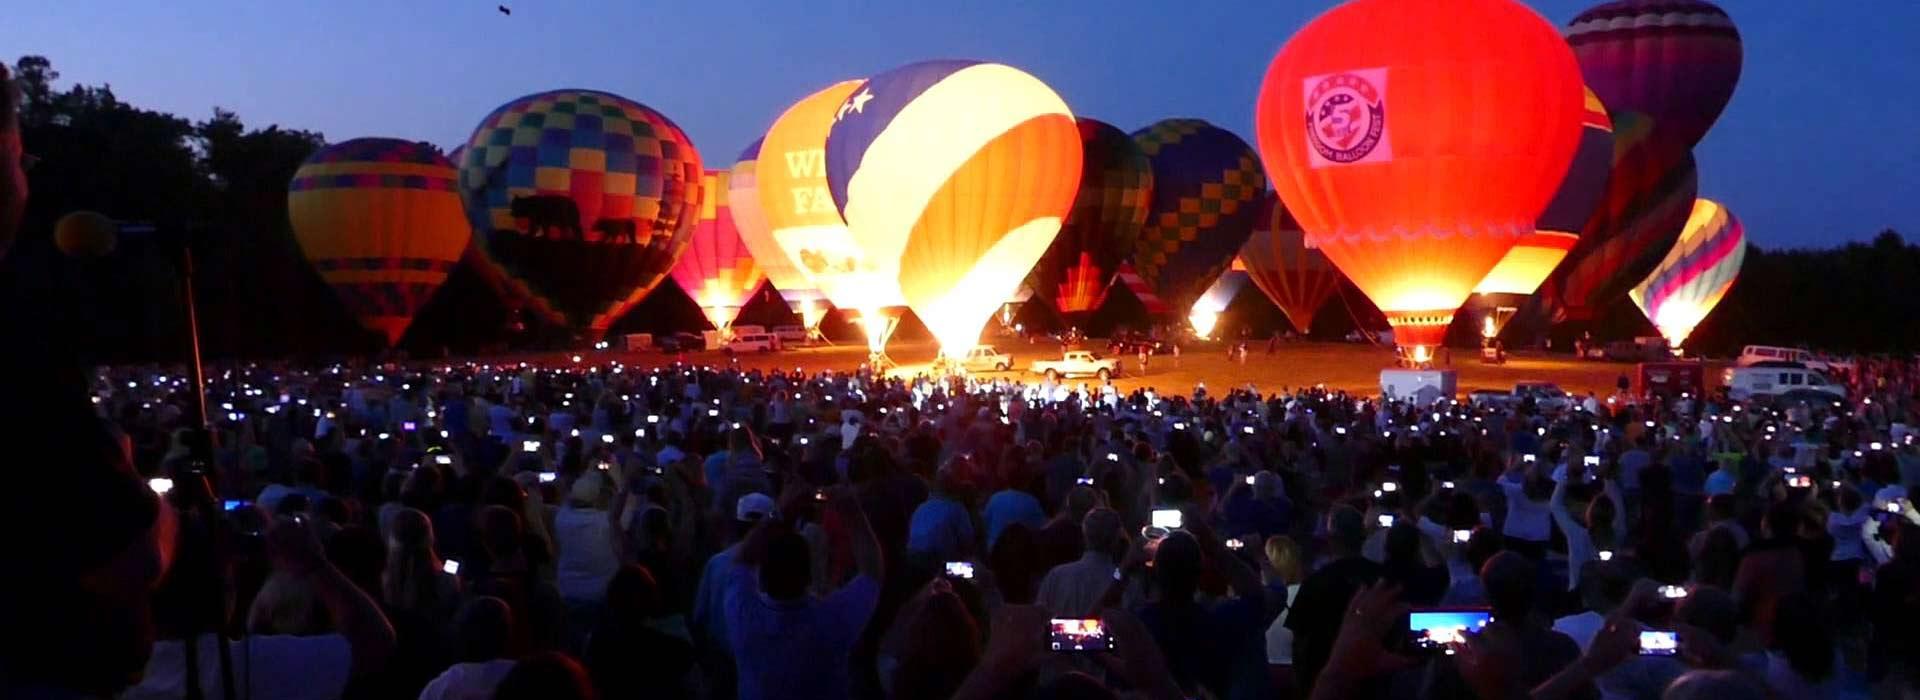 wral balloon fest